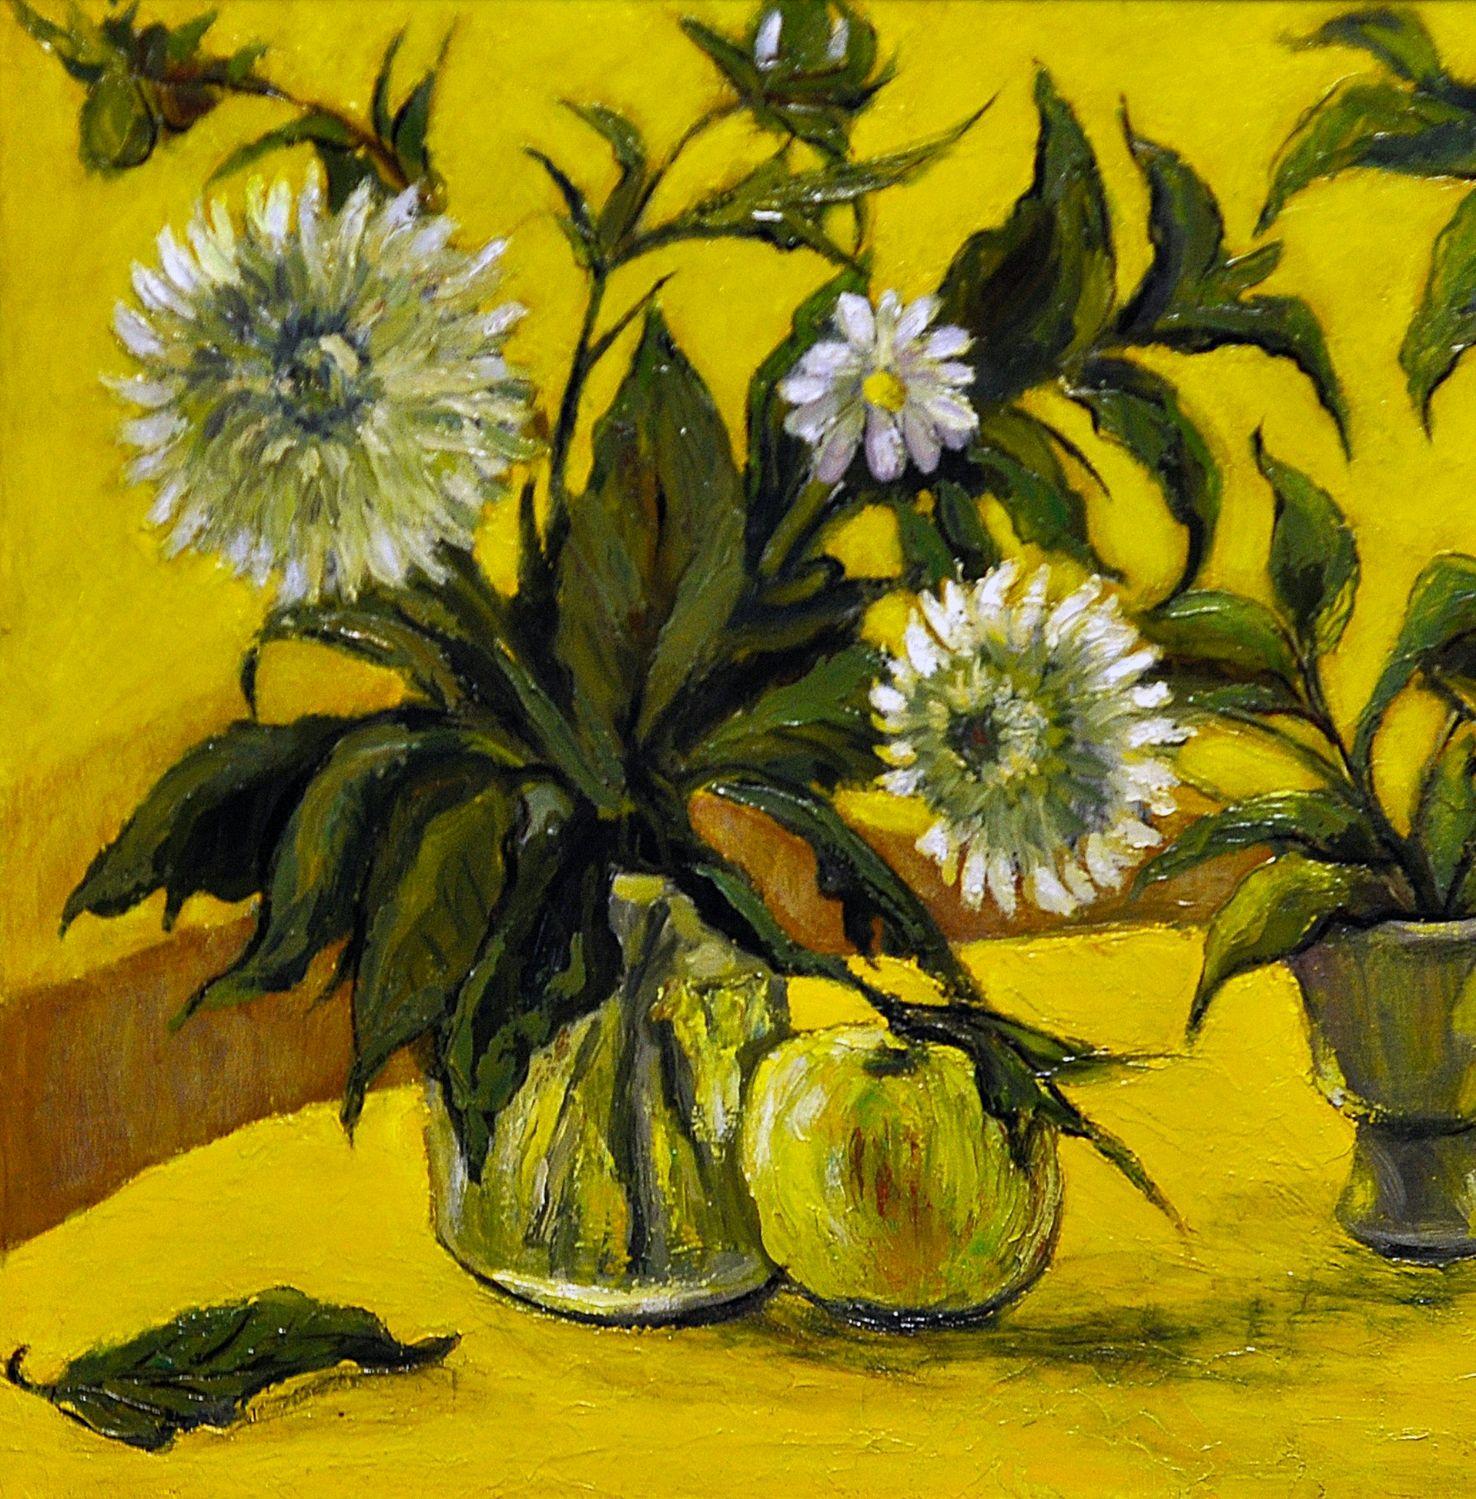 Хризантемы на жёлтом фоне, Картины, Архангельск,  Фото №1